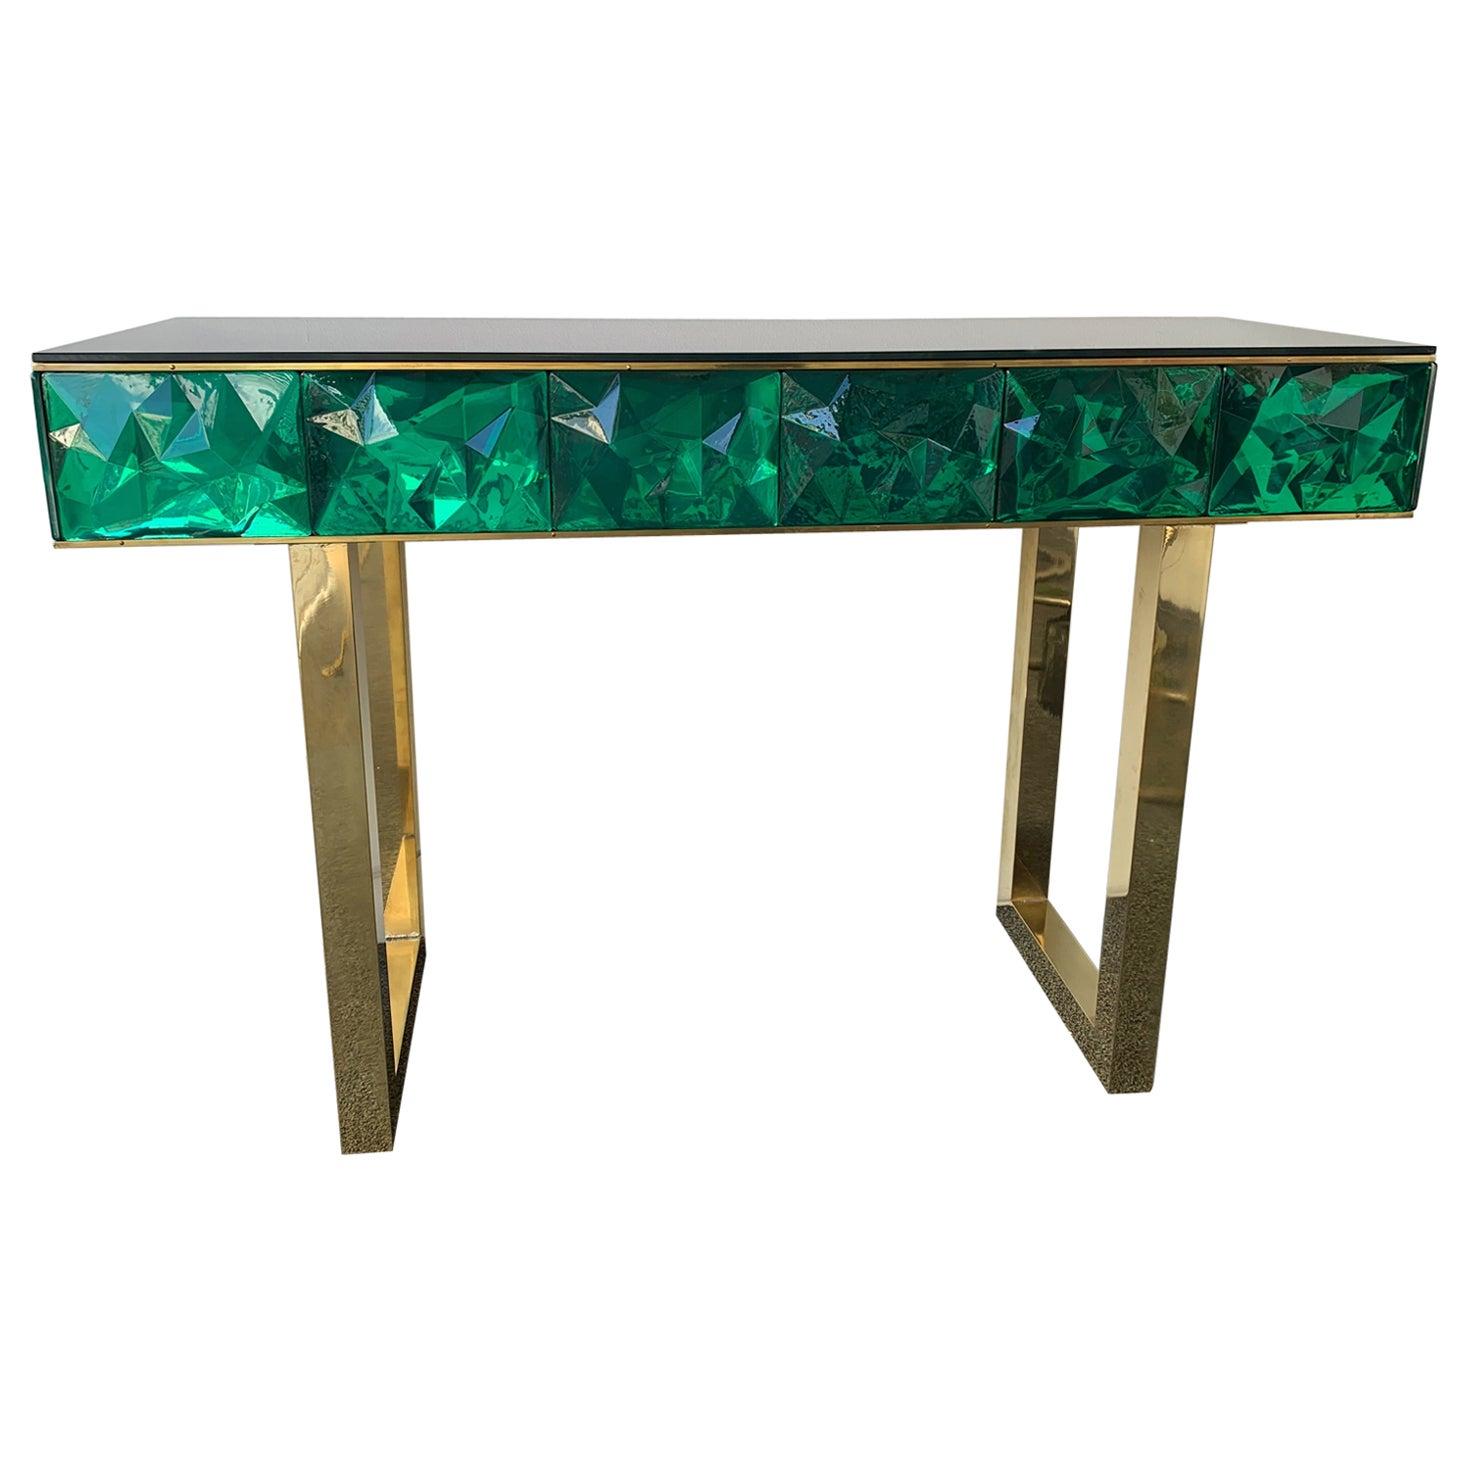 Contemporary Brass Console Murano Glass, Italy